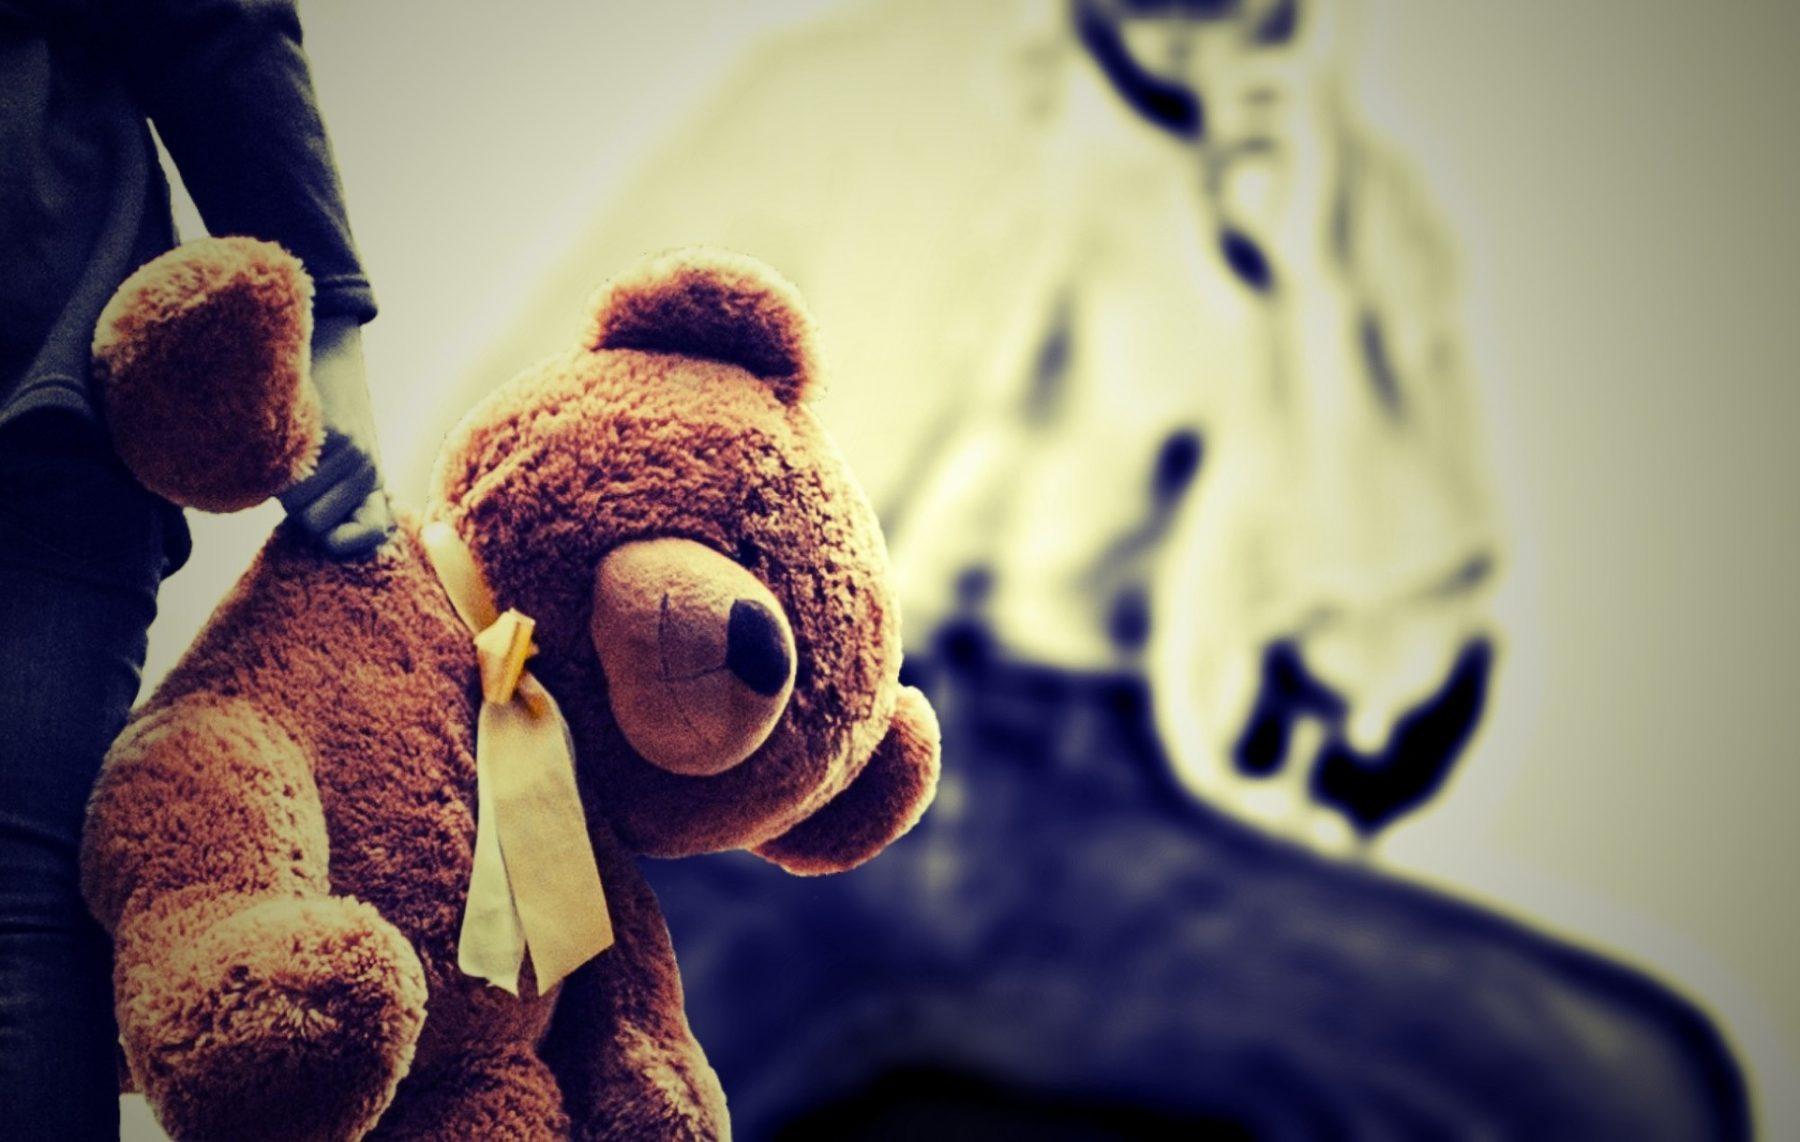 Παιδική κακοποίηση Covid-19: Μελέτη επιβεβαιώνει την αύξηση της κακοποίησης παιδιών κατά τη διάρκεια της πανδημίας